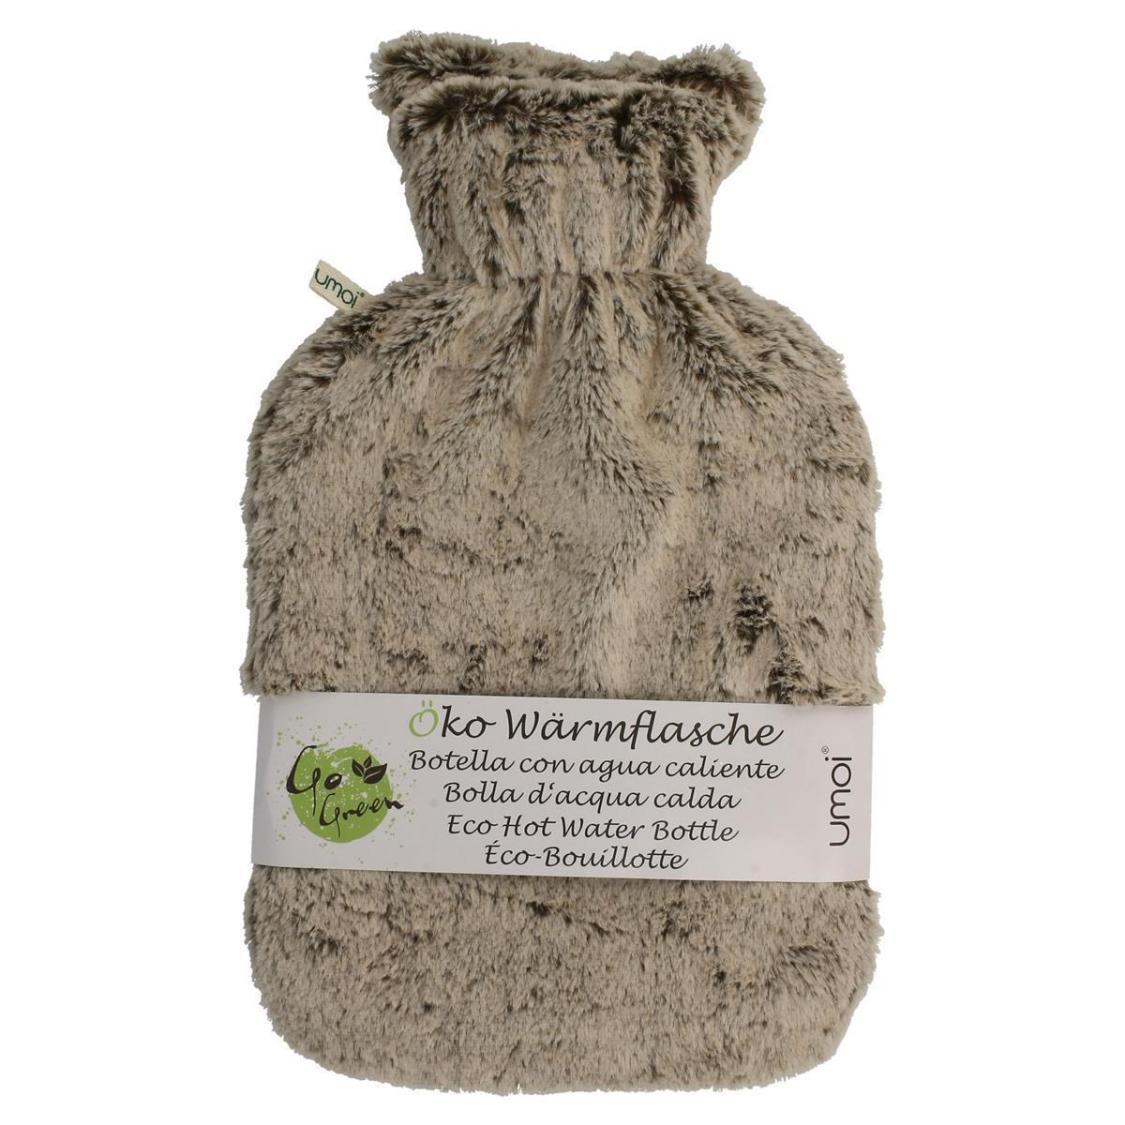 Öko Wärmflasche 2 Liter mit kuschligem Fleece Bezug beige Wärmeflasche Überbezug